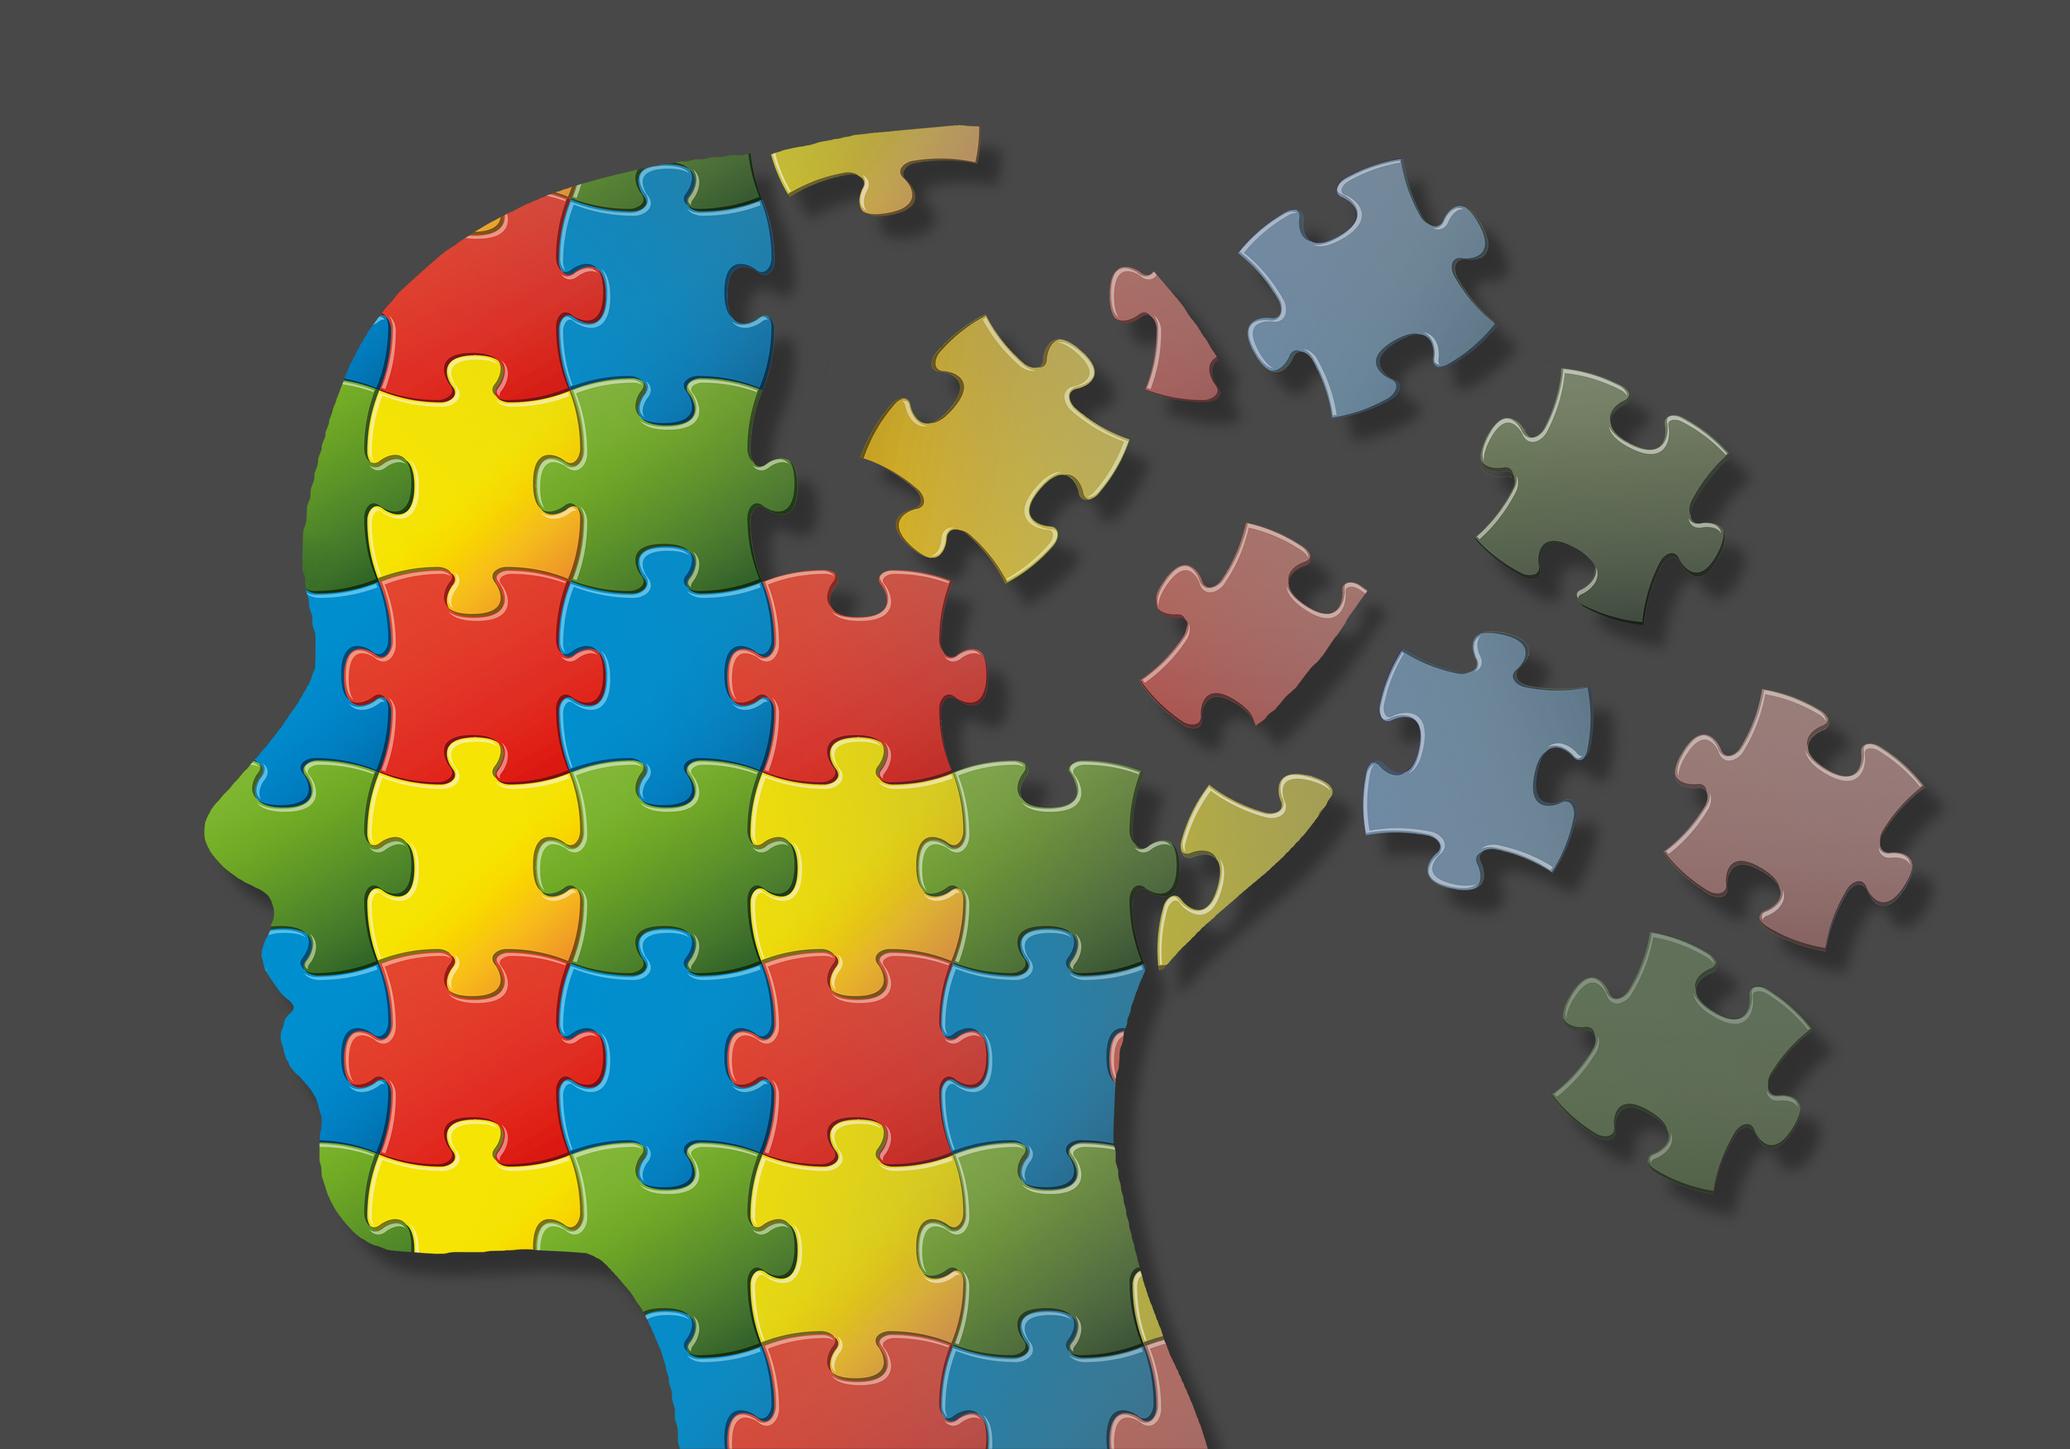 Alzheimer's puzzle